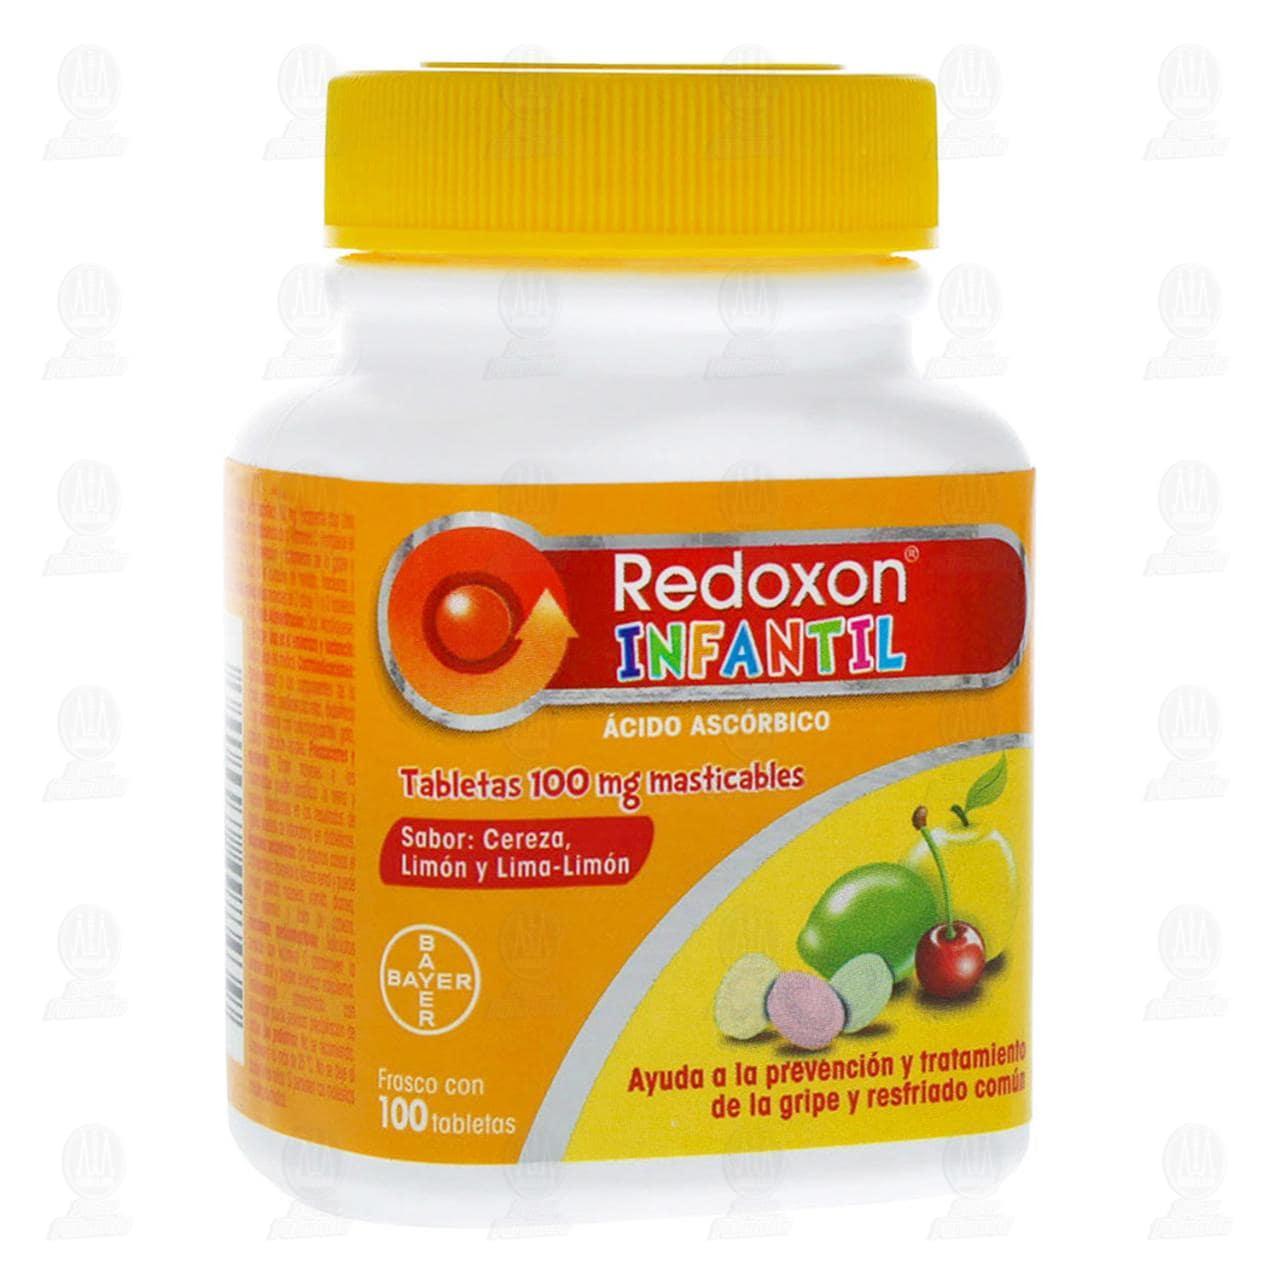 Comprar Redoxon Infantil 100mg Vitamina C 100 Tabletas Masticables en Farmacias Guadalajara